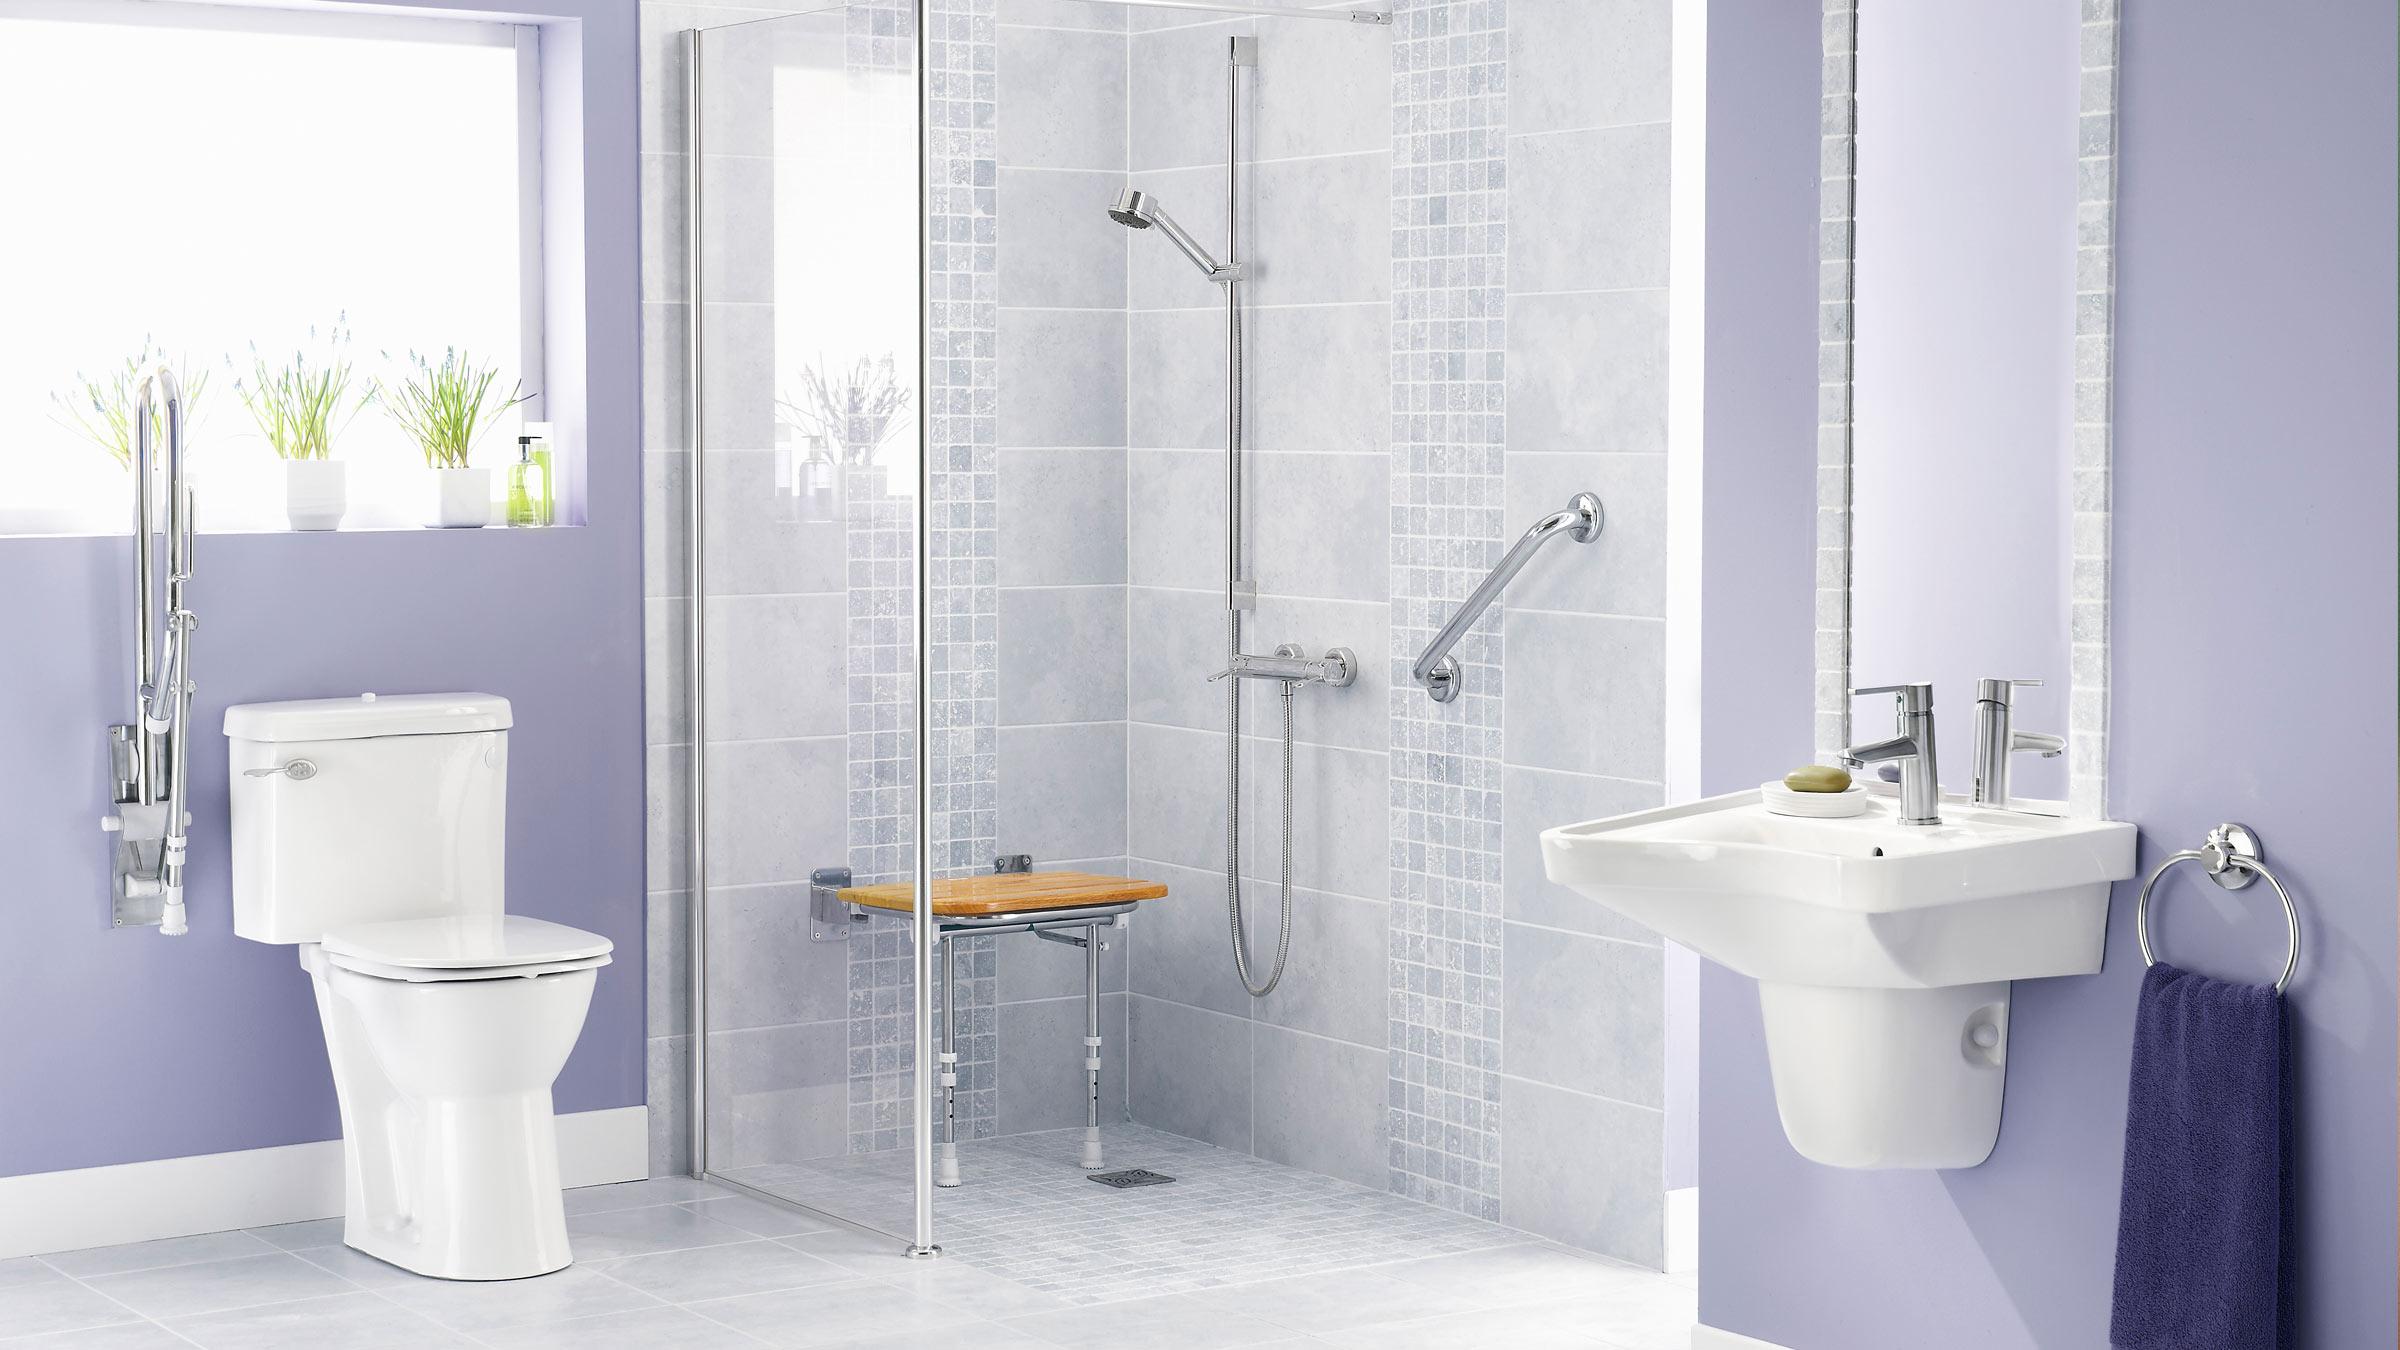 Ausili per disabili per il bagno per usarlo in serenità e senza